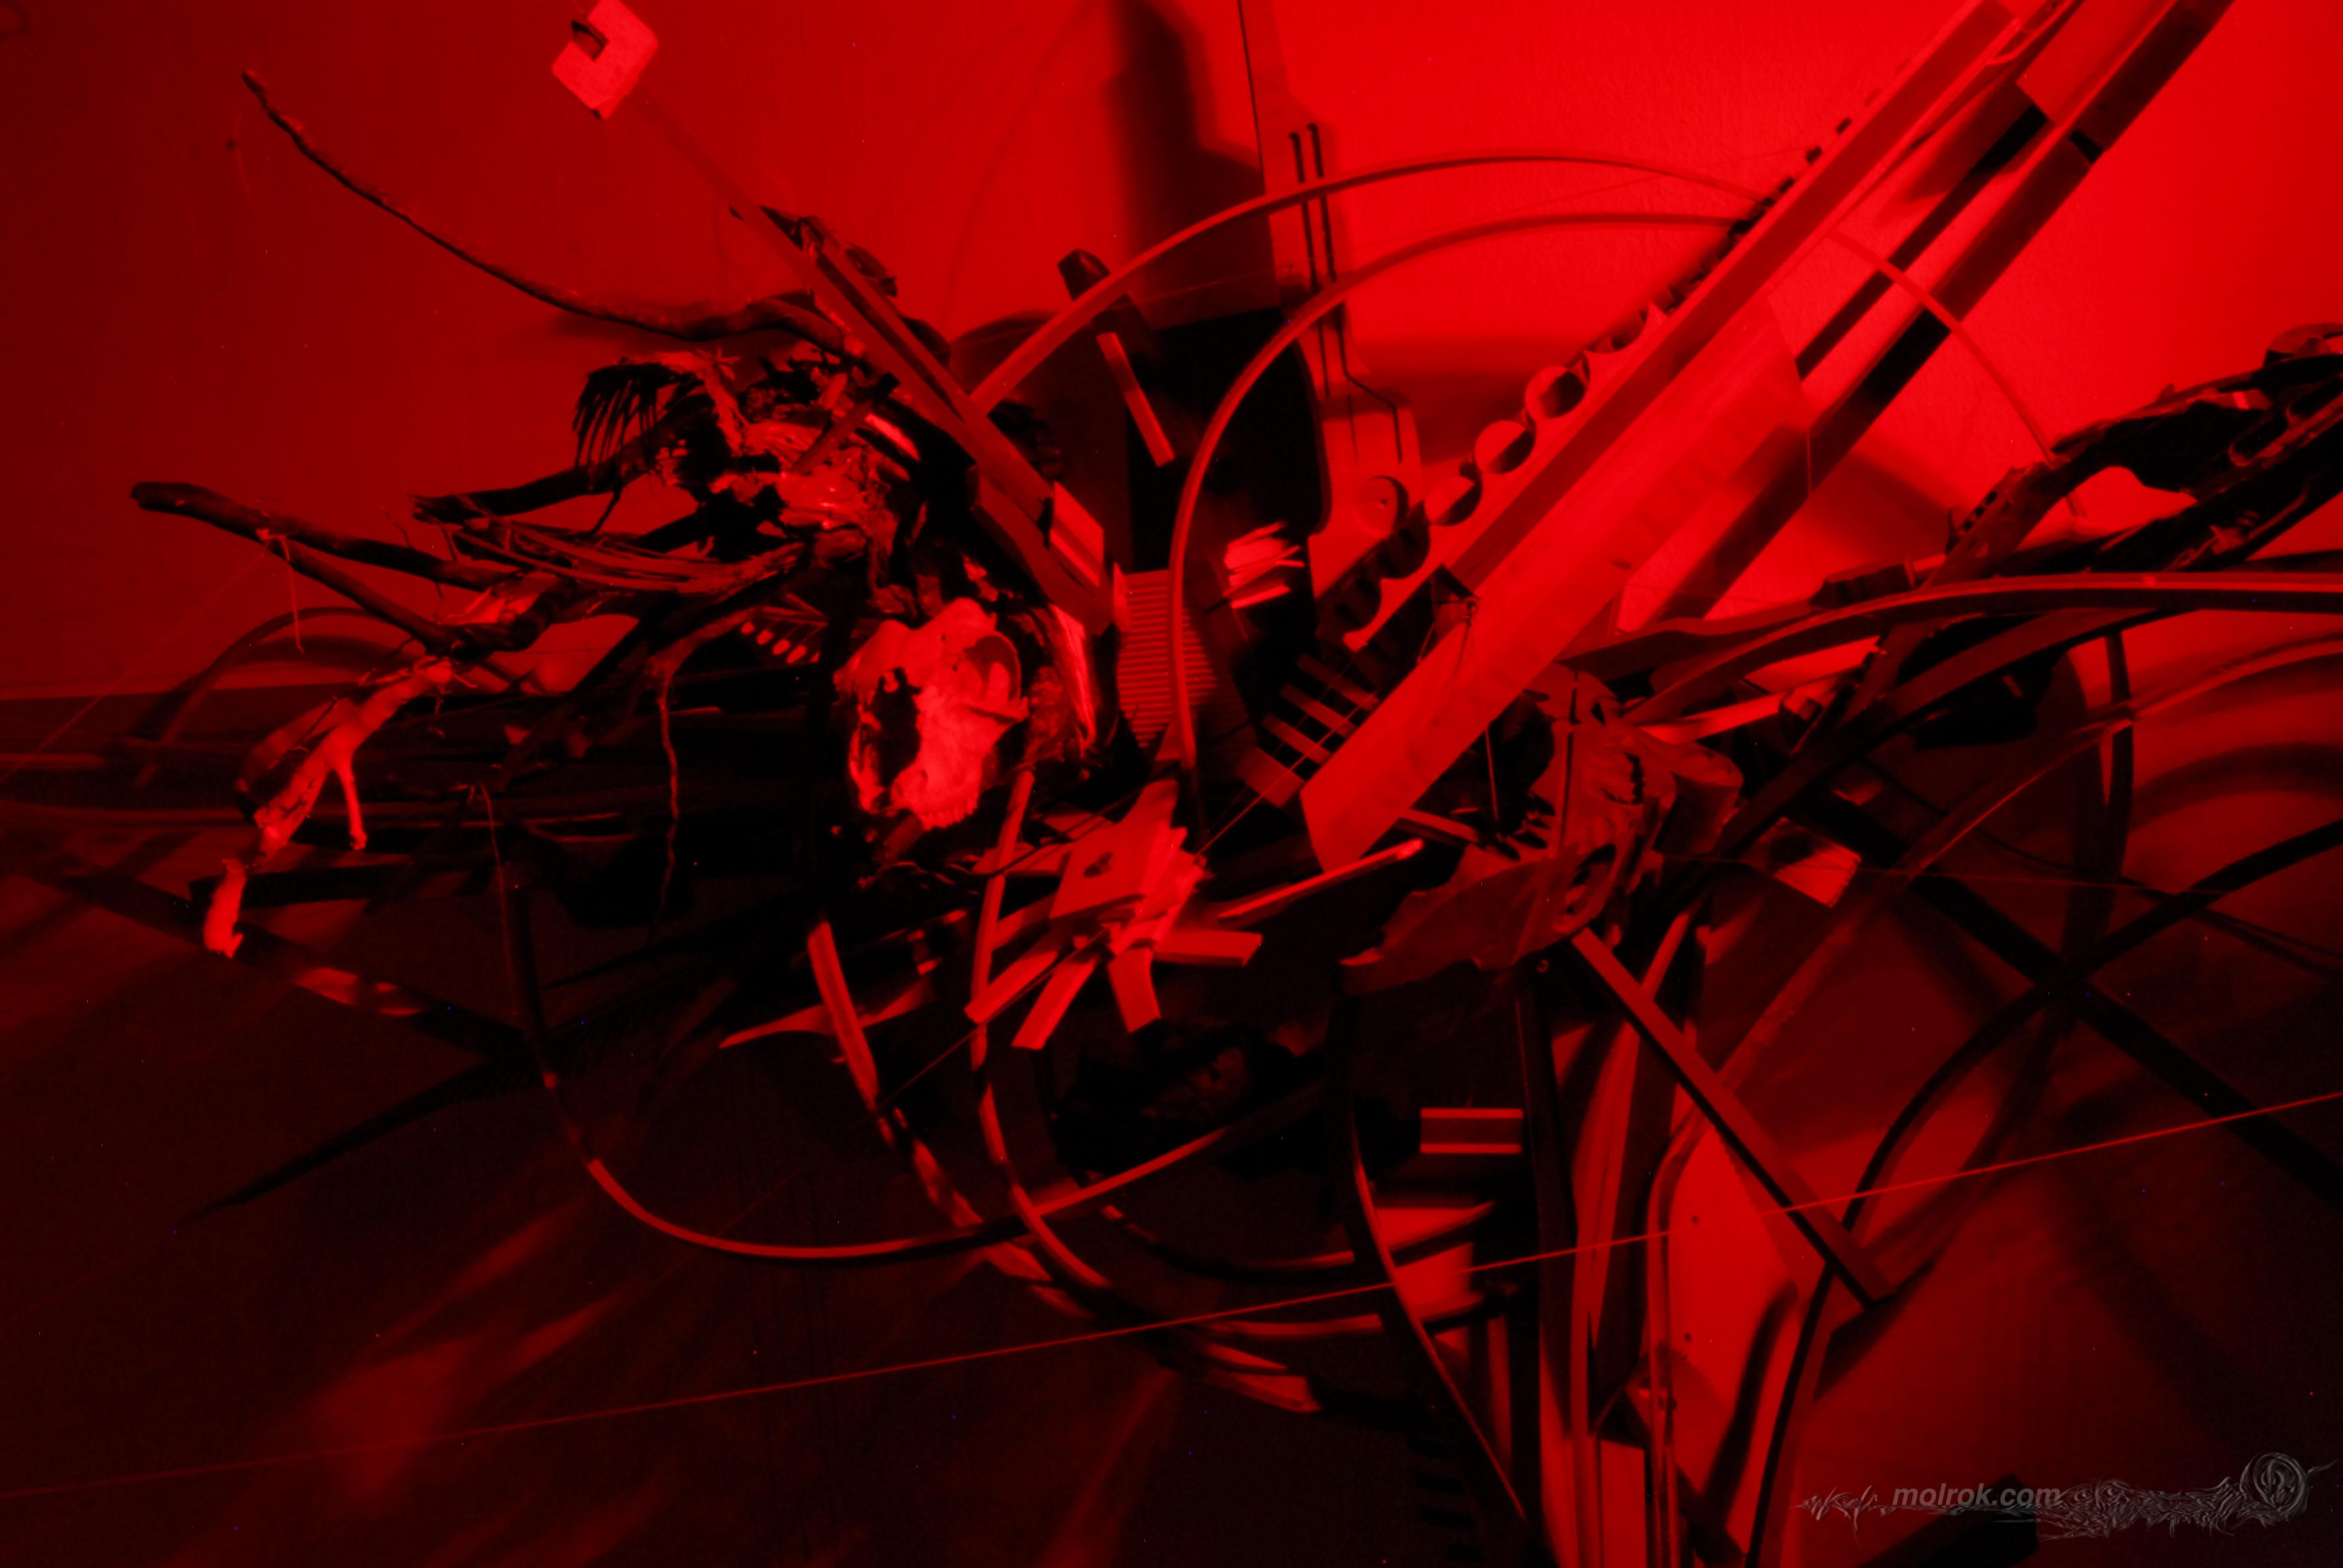 molrok-laser